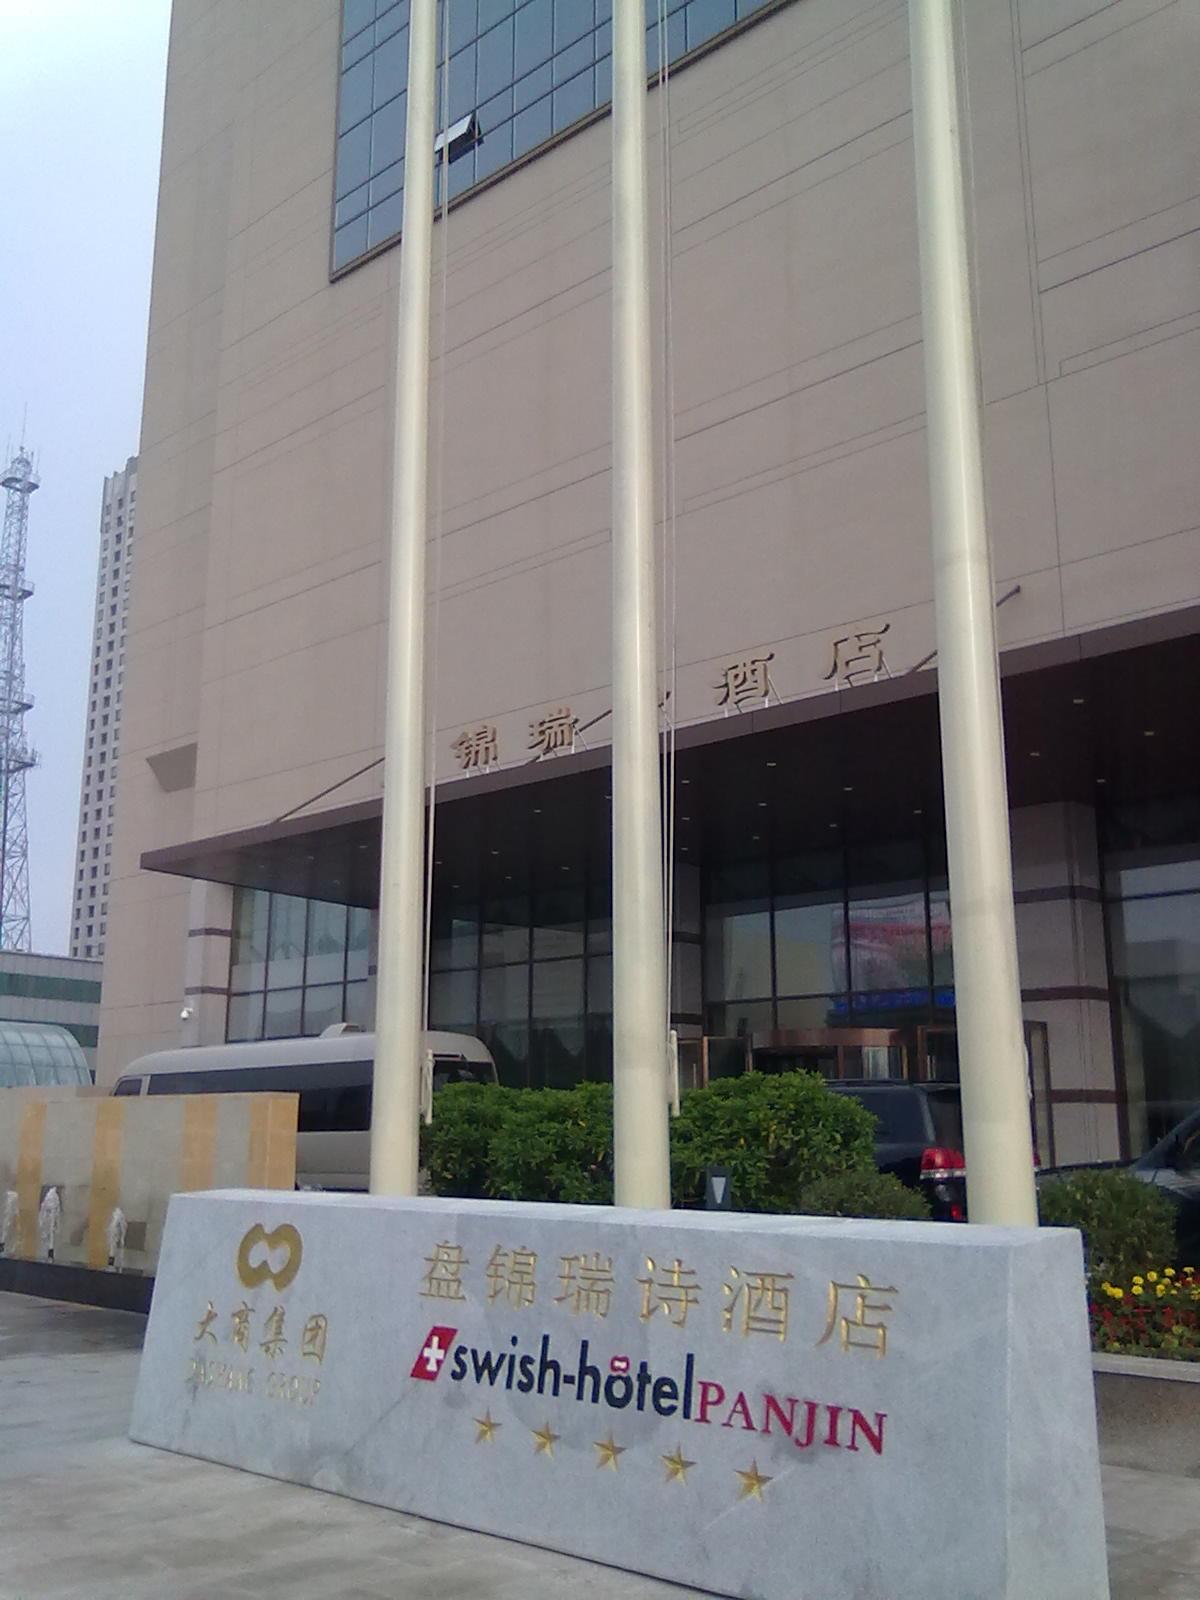 [原创]盘锦街拍五星级酒店之瑞诗酒店(组图)